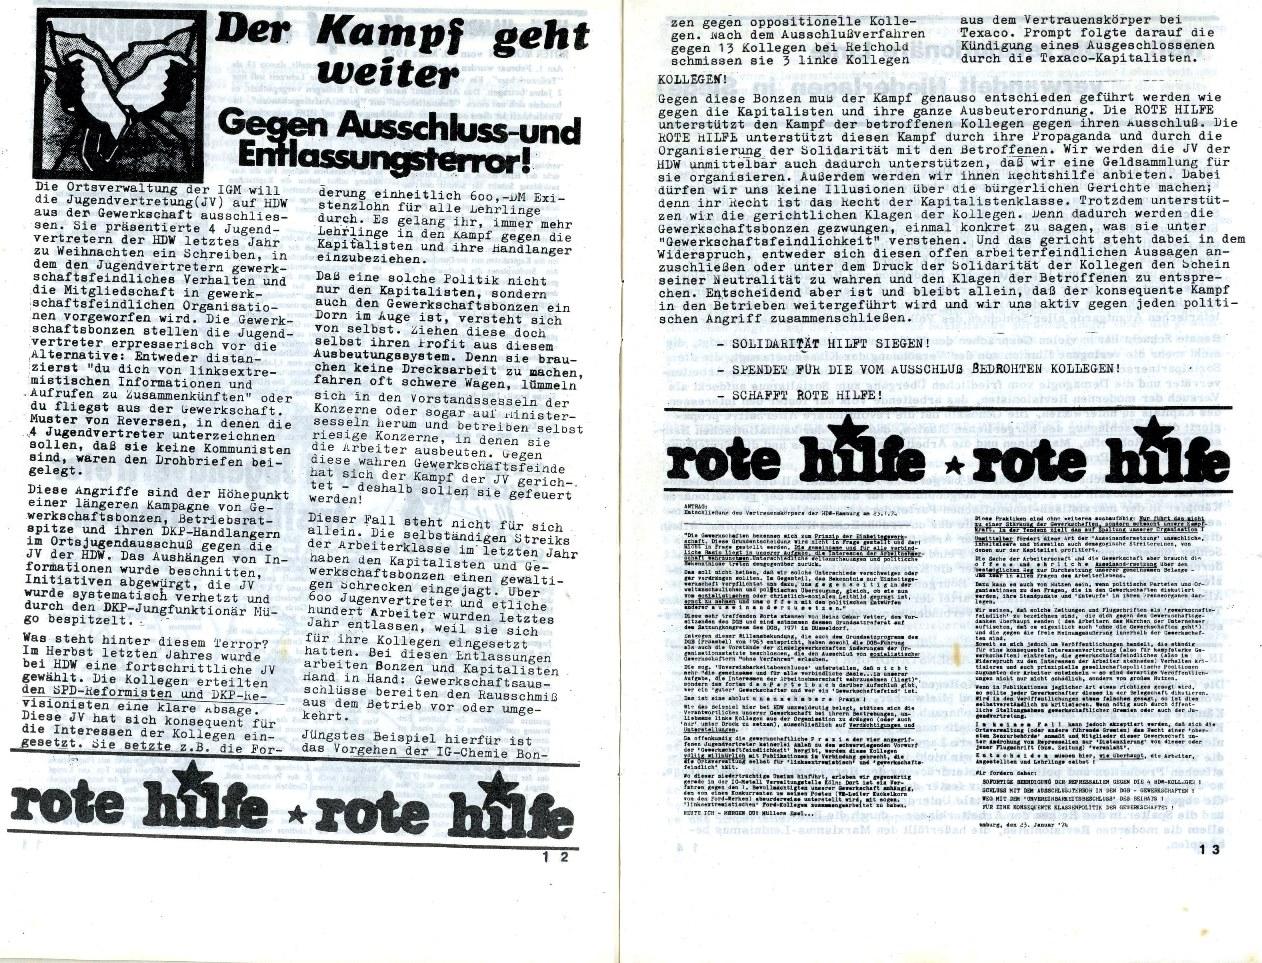 Hamburg_RH_1974_Politische_Entlassungen_08